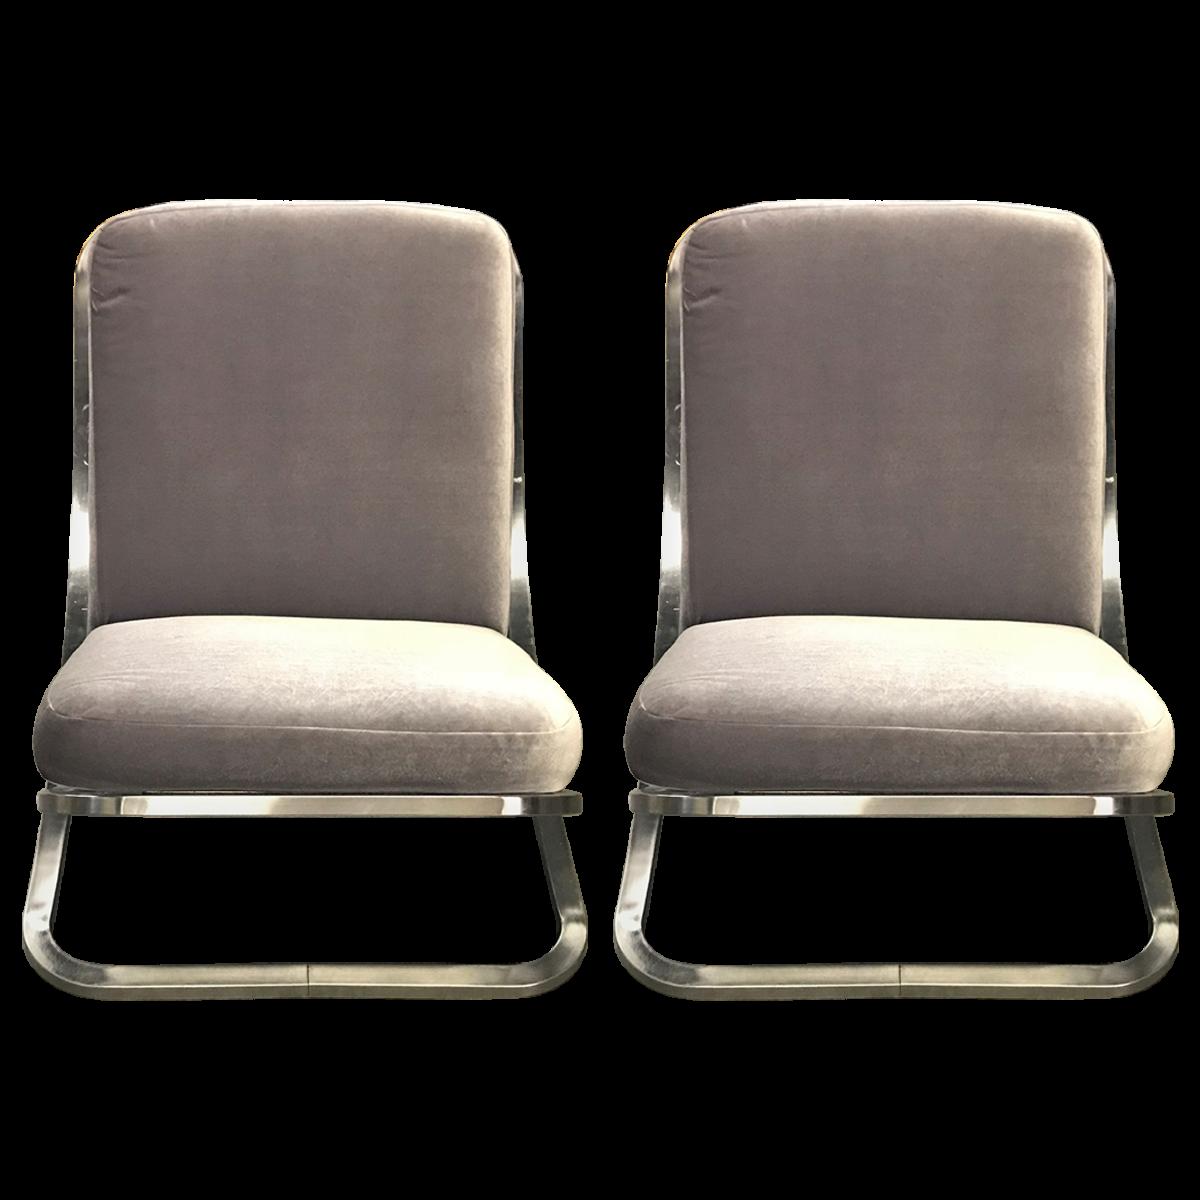 Fine Slipper Chairs Mid Century Modern Slipper Chairs Kids Inzonedesignstudio Interior Chair Design Inzonedesignstudiocom